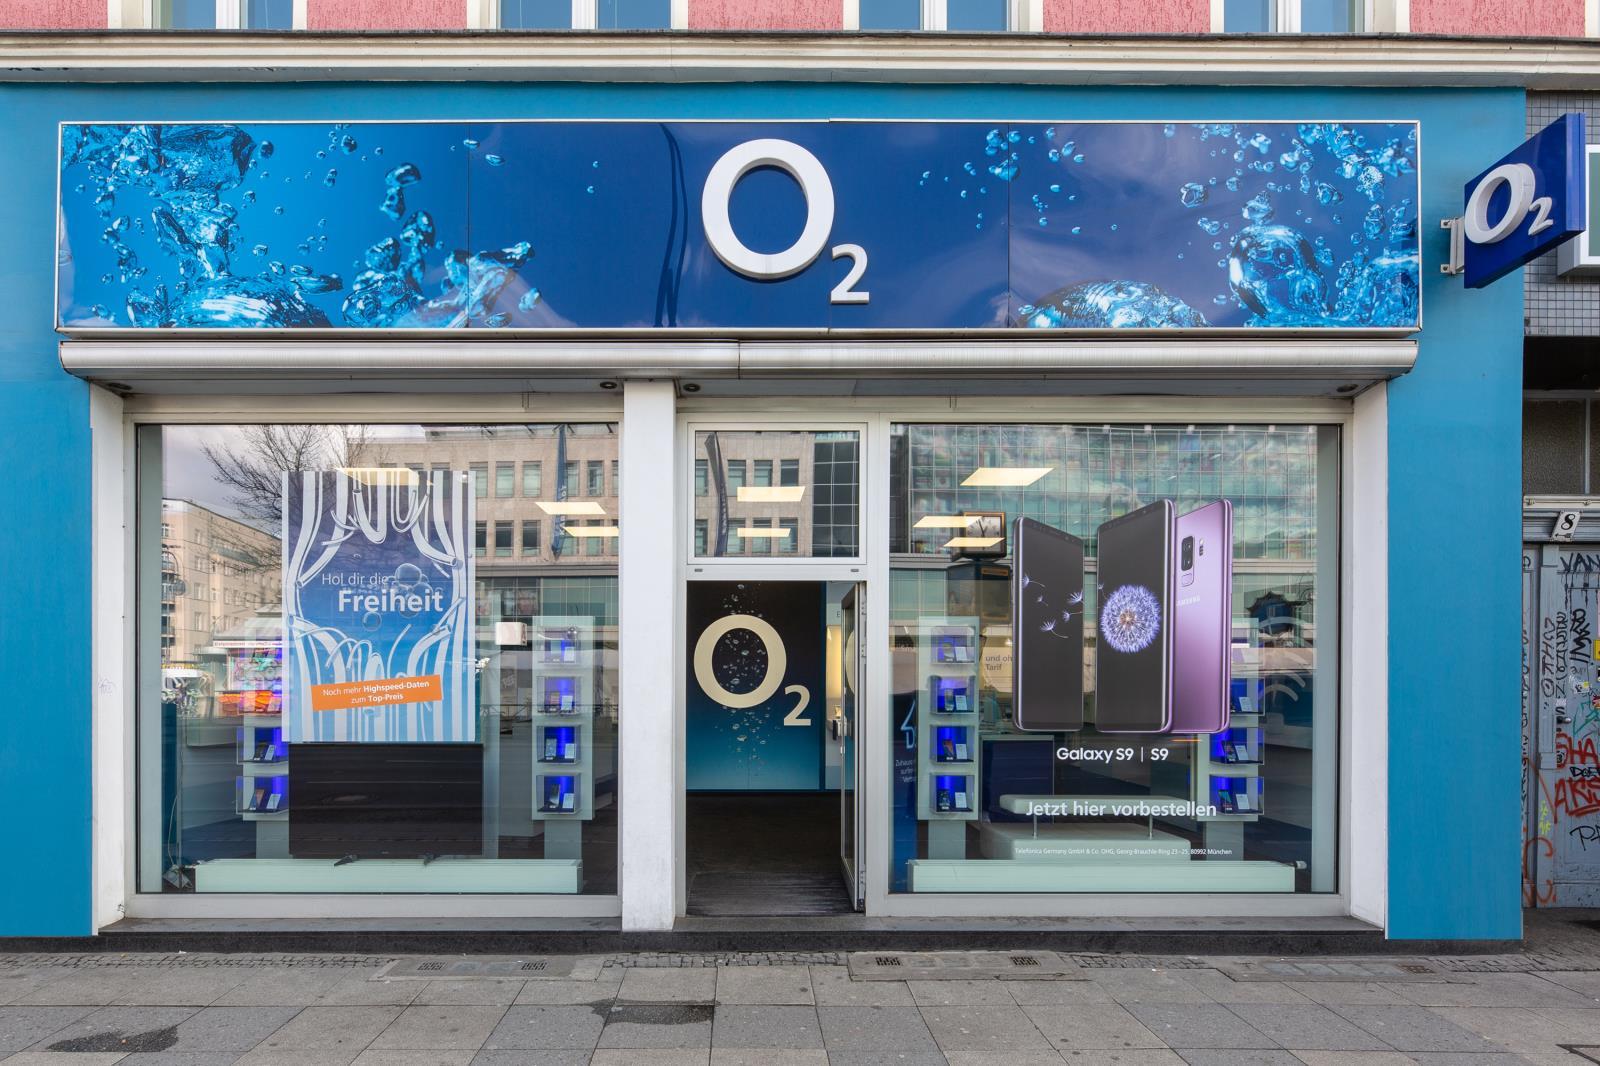 o2 Shop, Hermannplatz 8 in Berlin